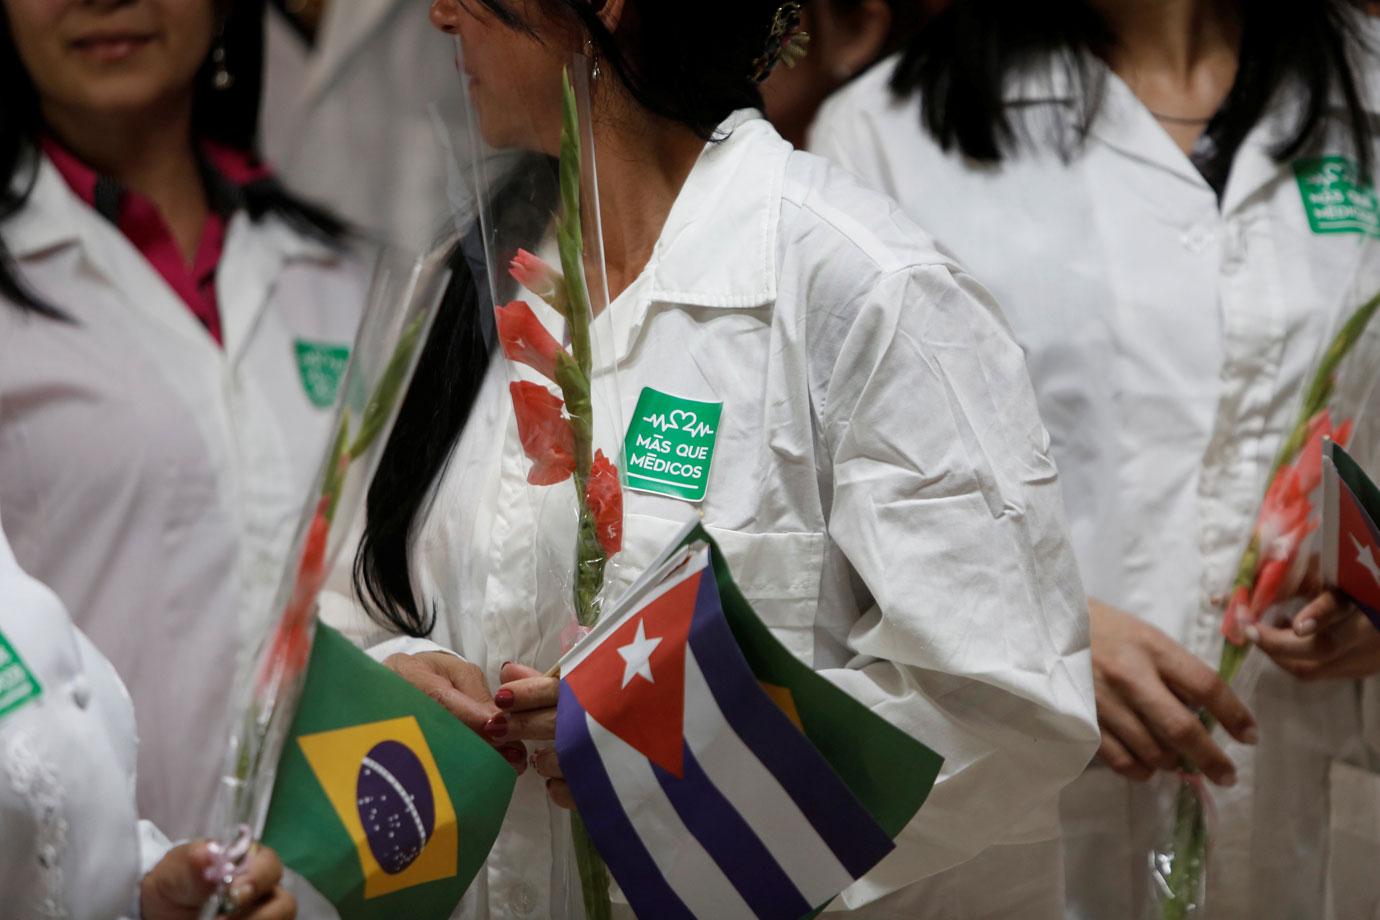 Segundo o presidente da subsecção local da Ordem dos Advogados do Brasil, sem apoio das prefeituras onde trabalharam, esses médicos estão batendo às portas da OAB para pedir ajuda.